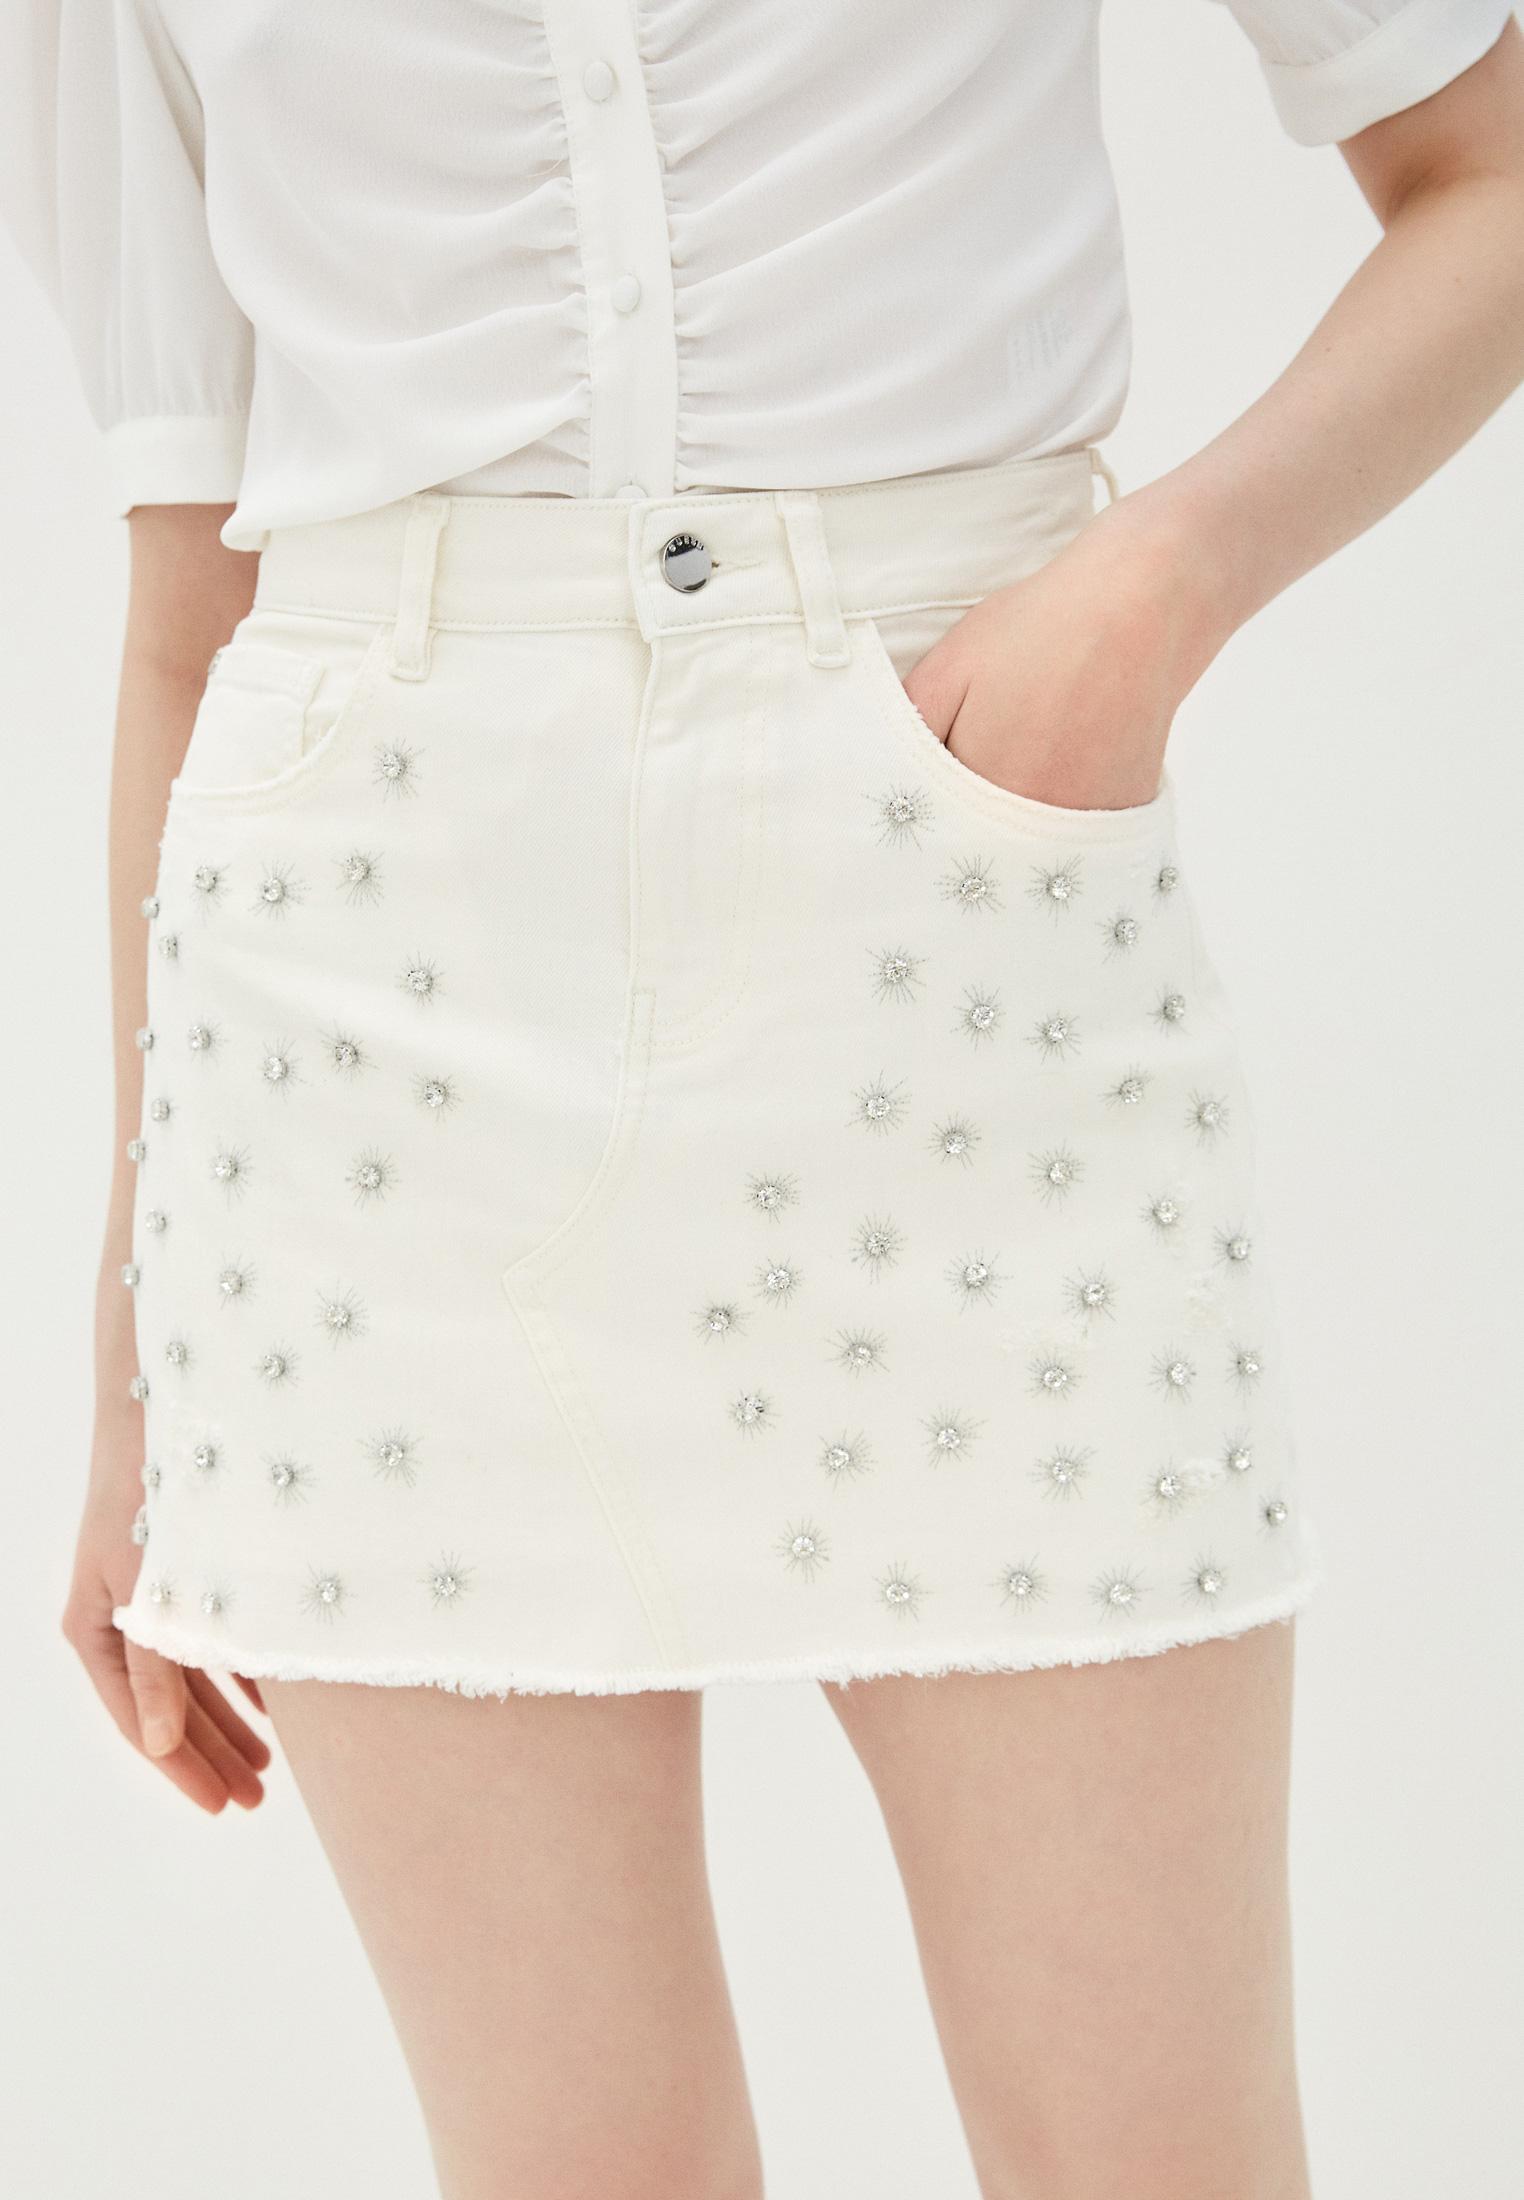 Джинсовая юбка Guess Jeans w02d92 d2g6j